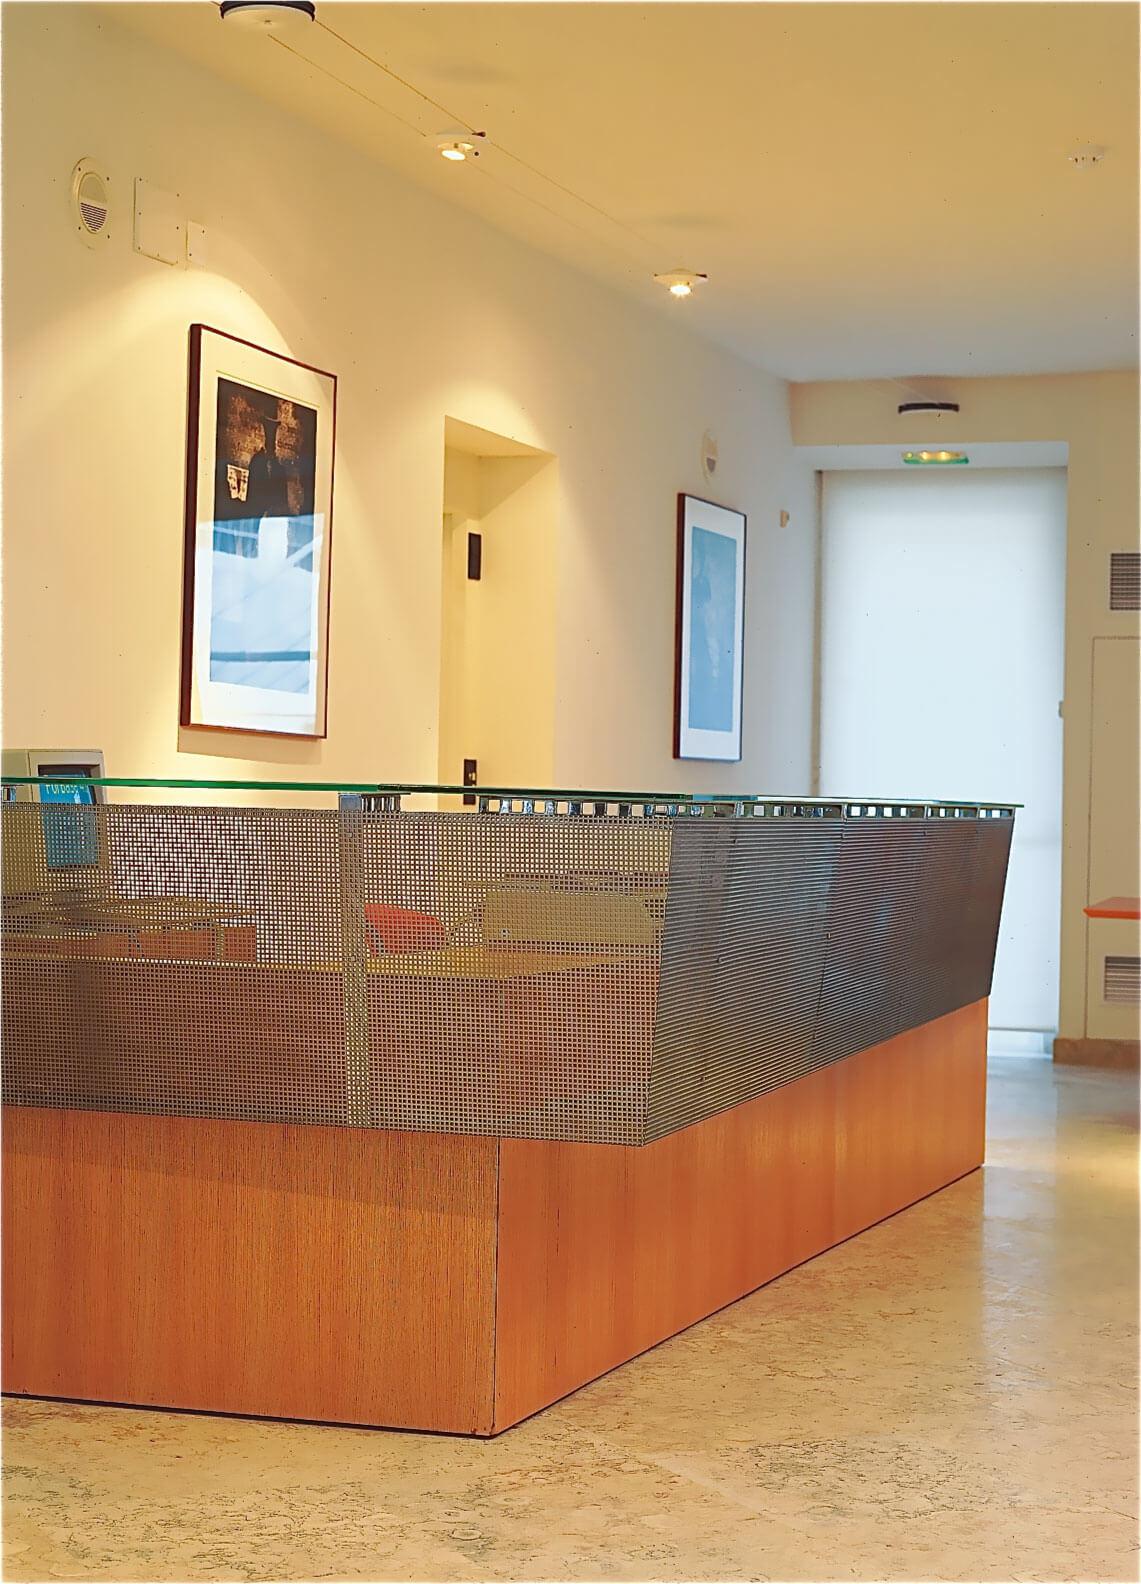 img4-casa-museo-fernando-pessoa-nuno-ladeiro